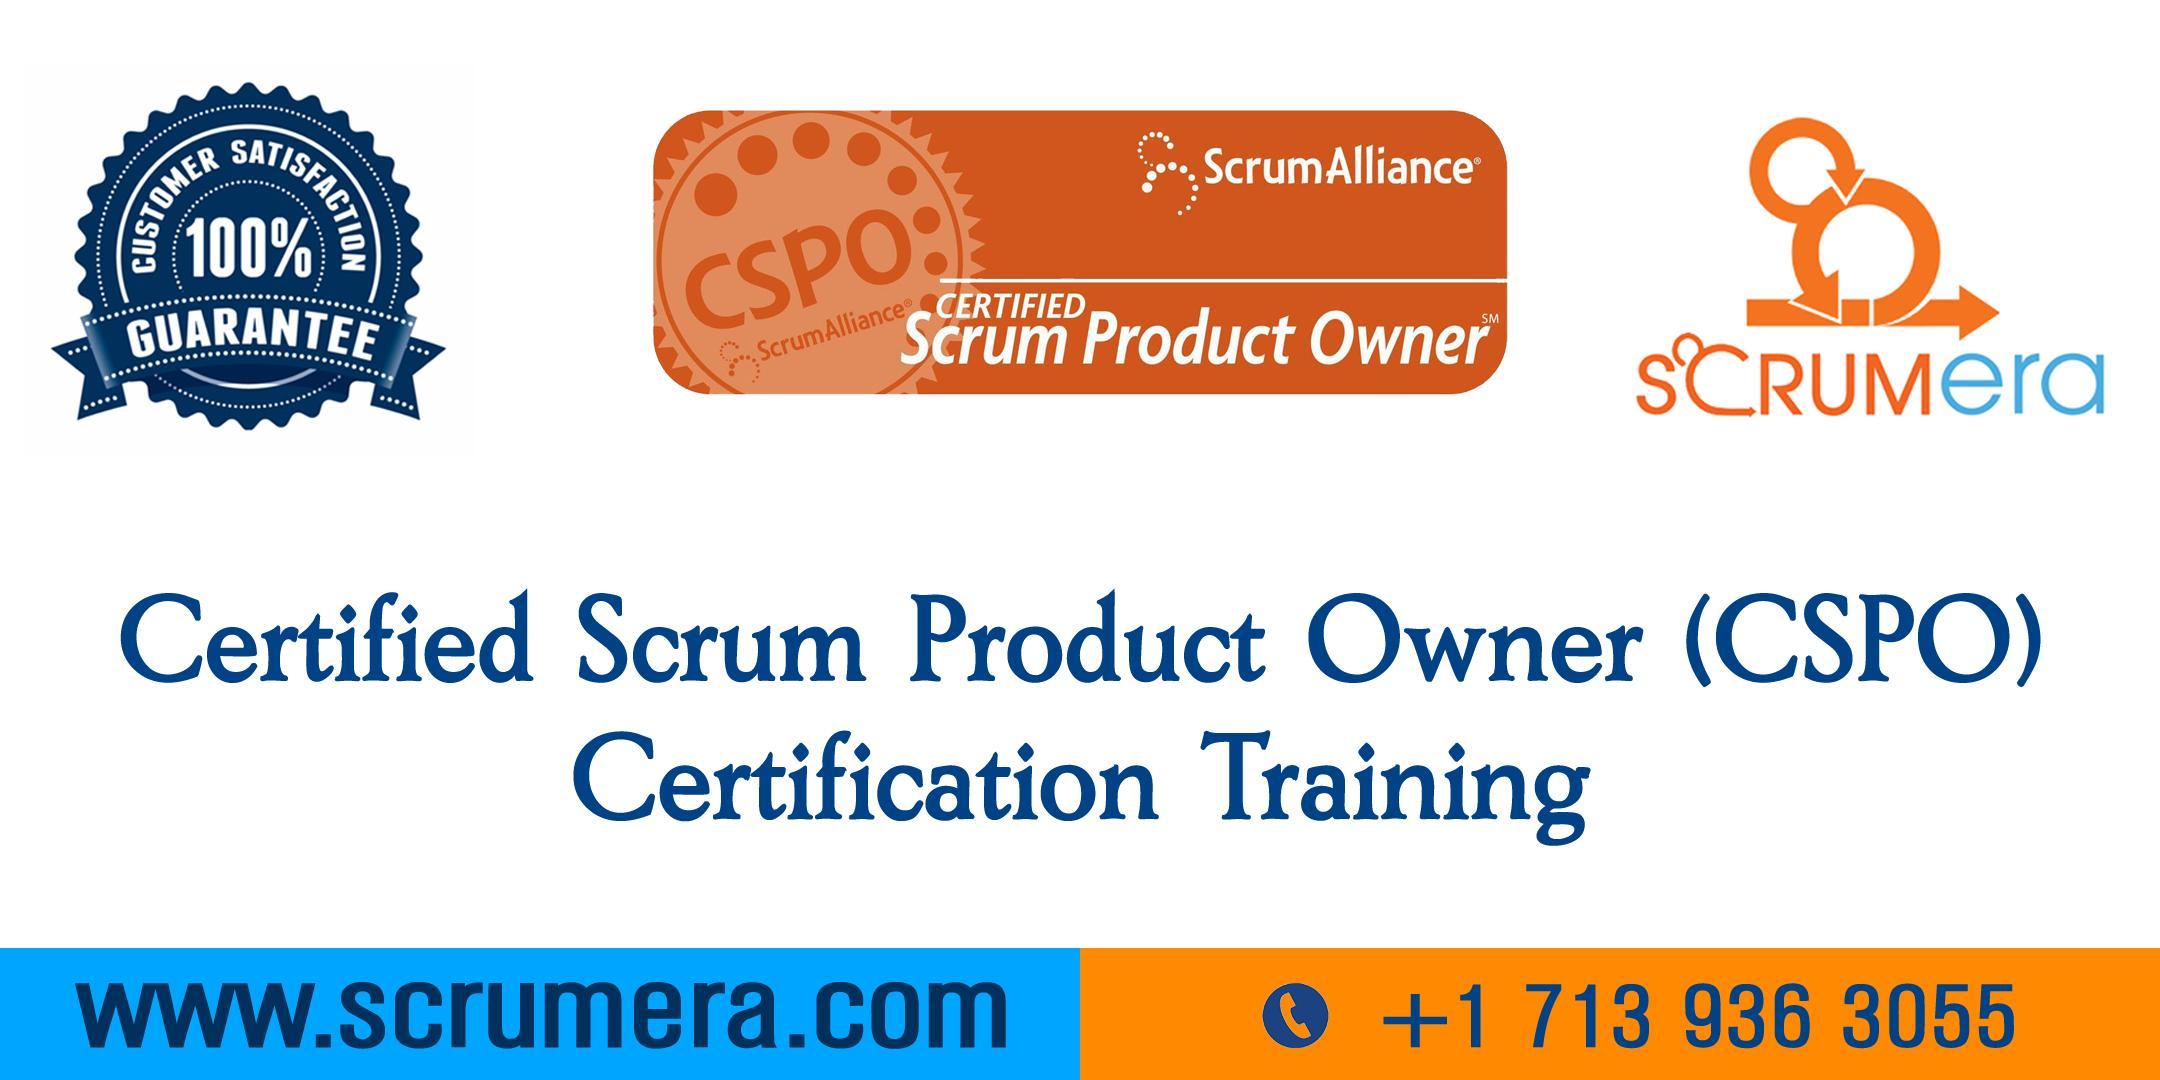 Certified Scrum Product Owner (CSPO) Certification | CSPO Training | CSPO Certification Workshop | Certified Scrum Product Owner (CSPO) Training in Anchorage, AK | ScrumERA